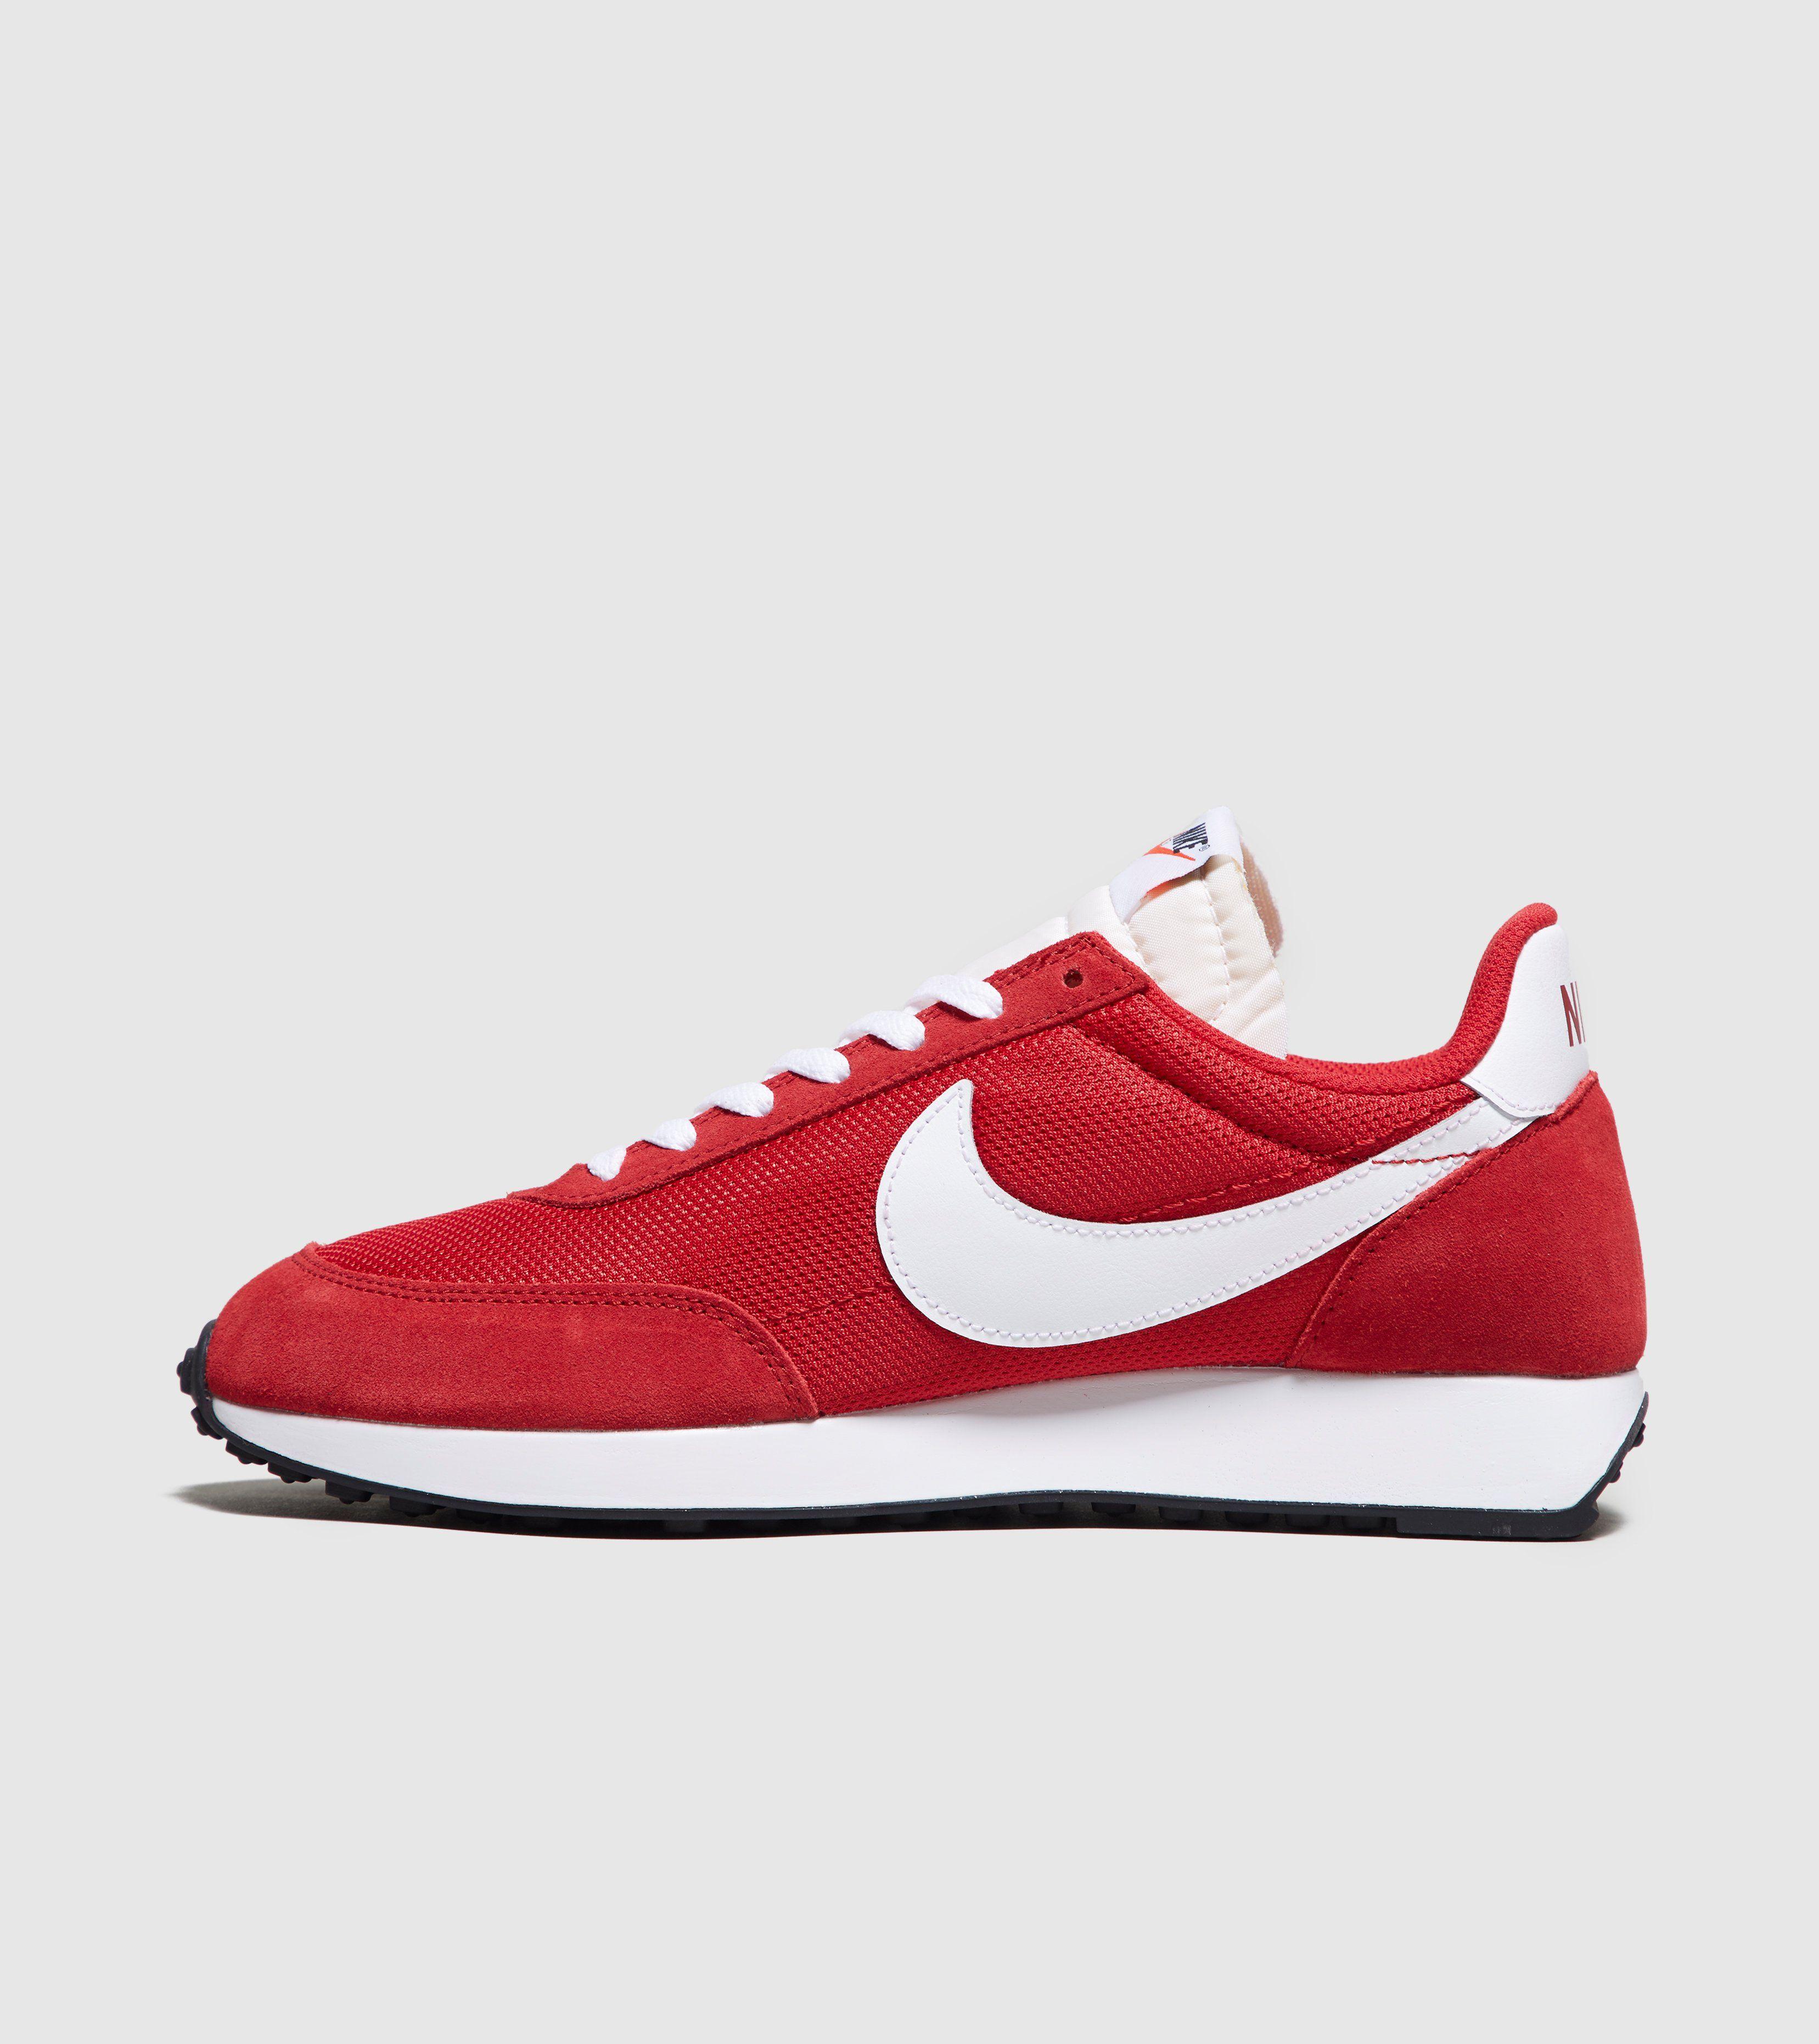 best website 76aff f810a Nike Tailwind 79 OG  Size